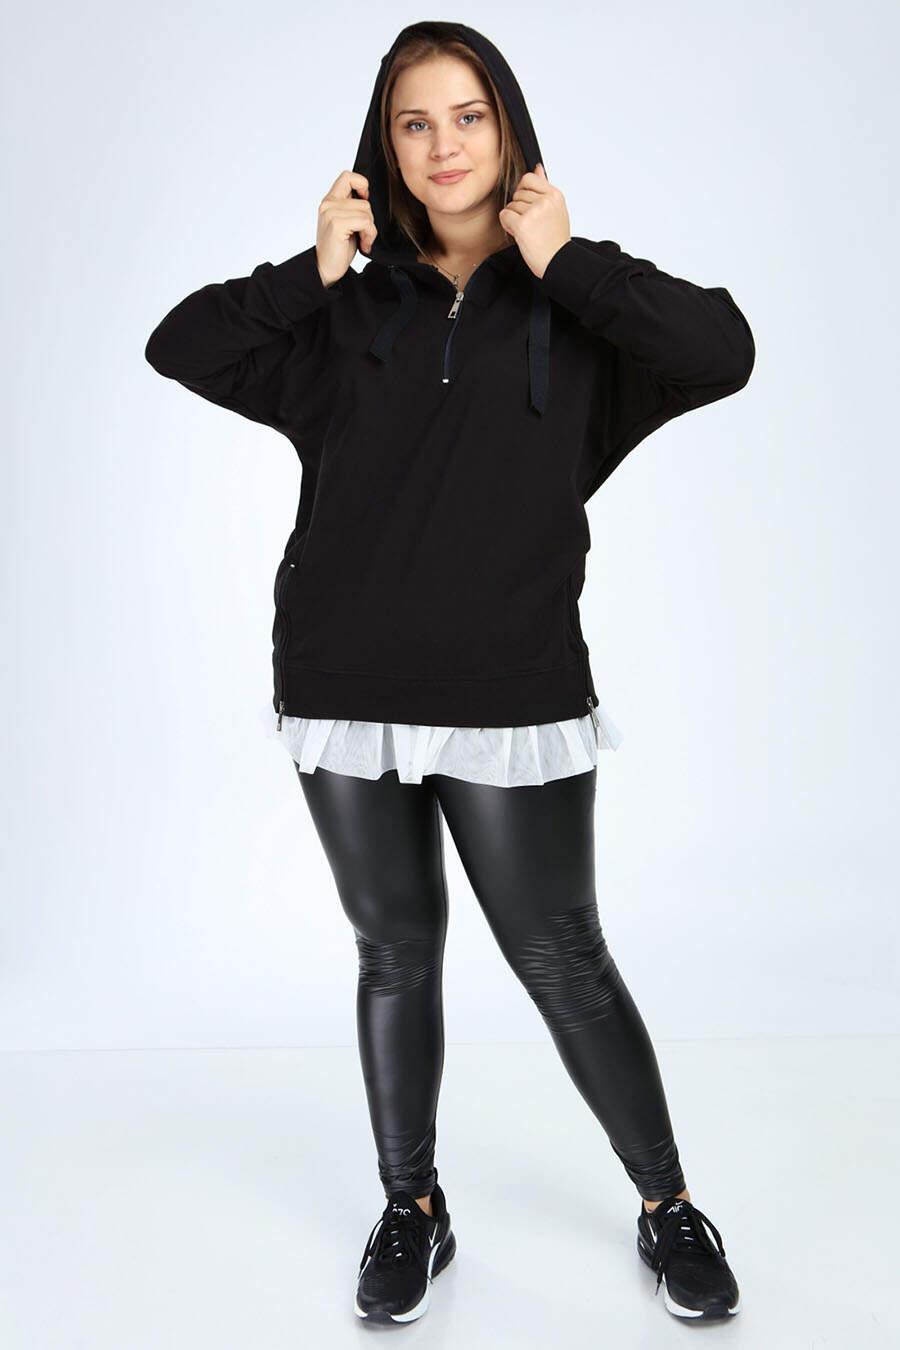 Angelino Büyük Beden Siyah Spor Giyim Altı Tül Tasarım Sweat Üst 2526